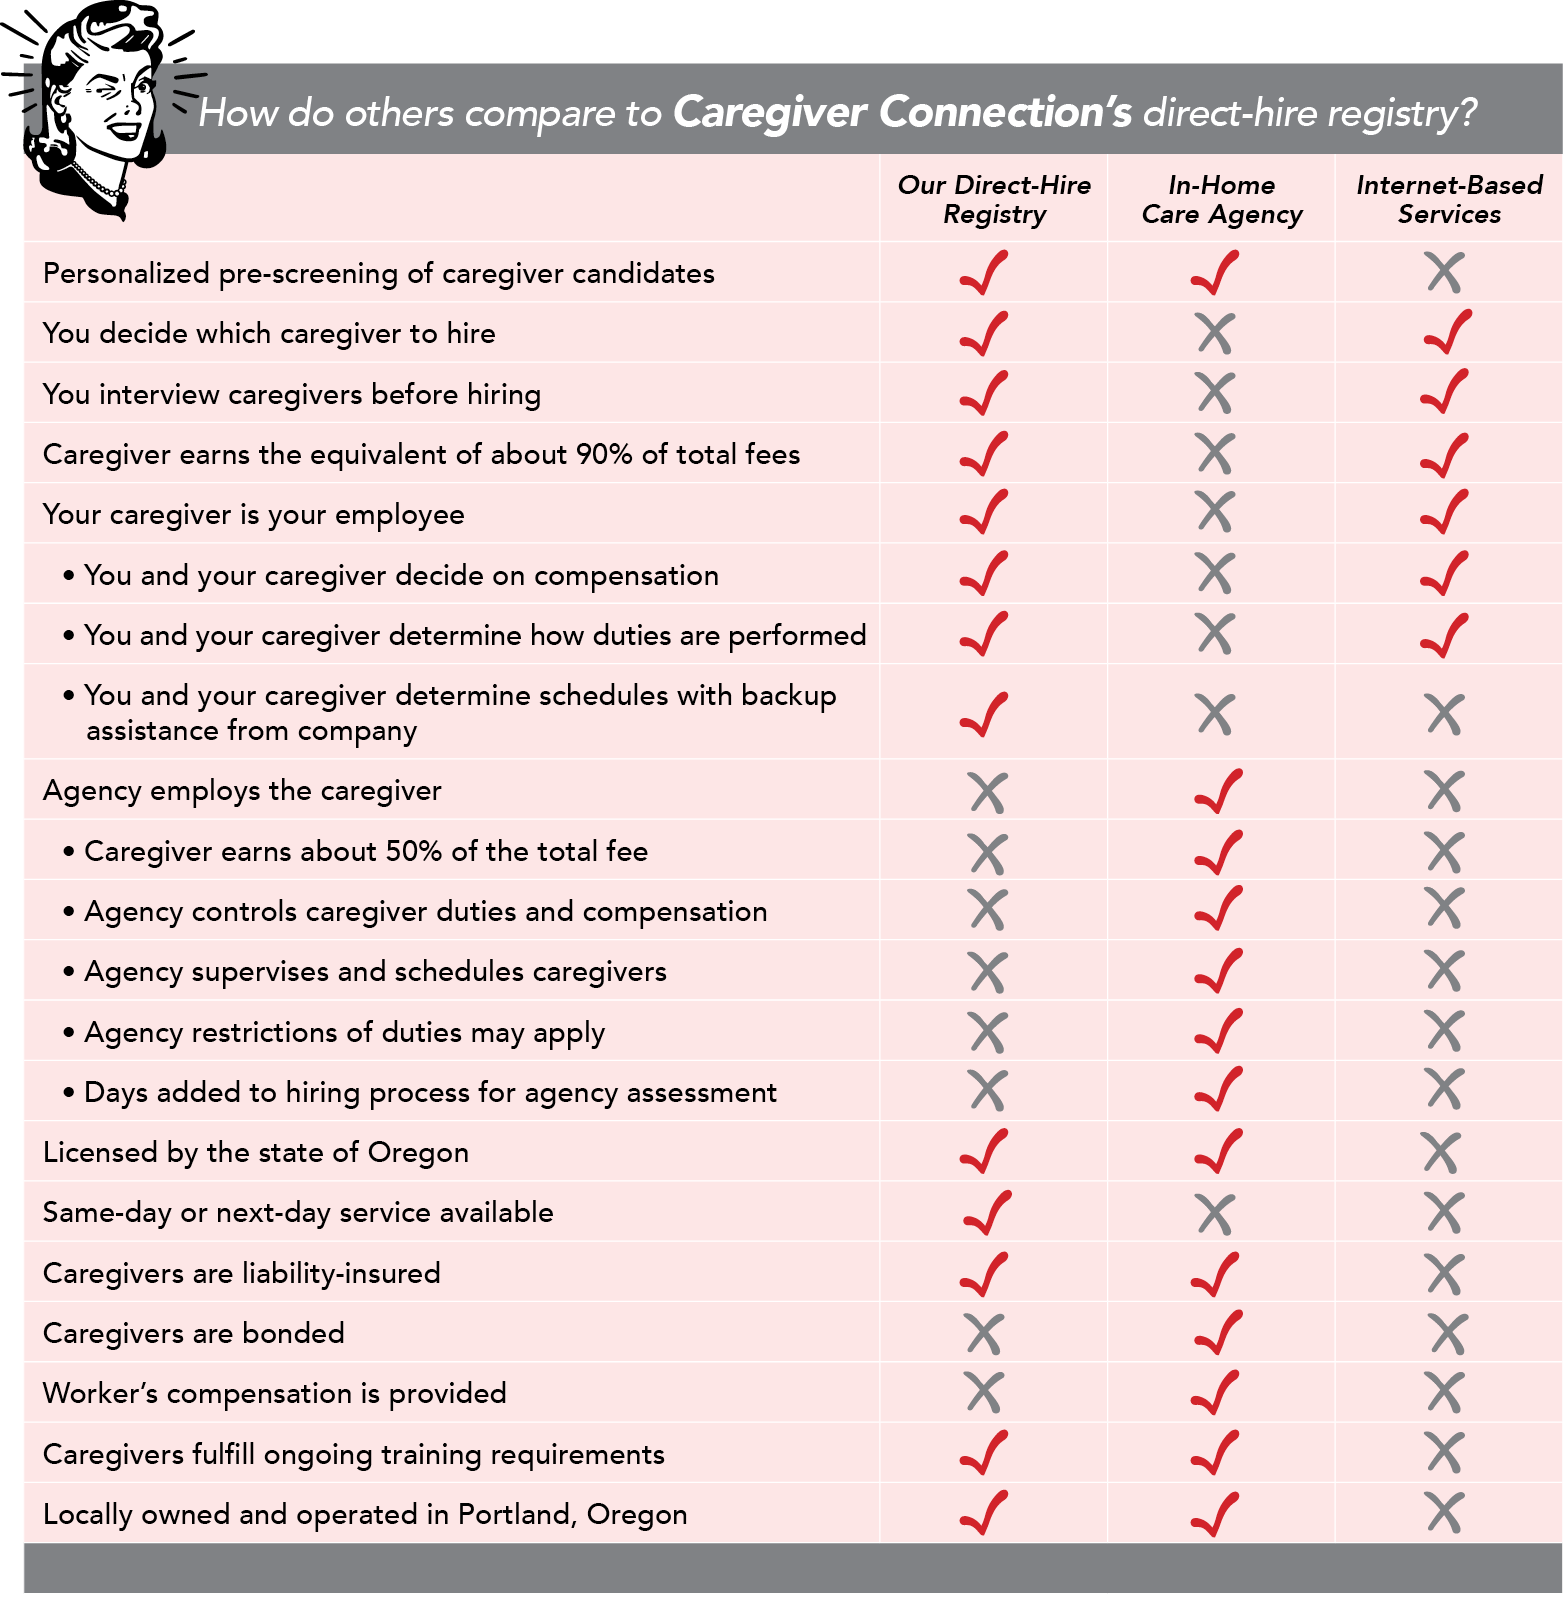 caregiver_registry.comparison_webfinal4.png